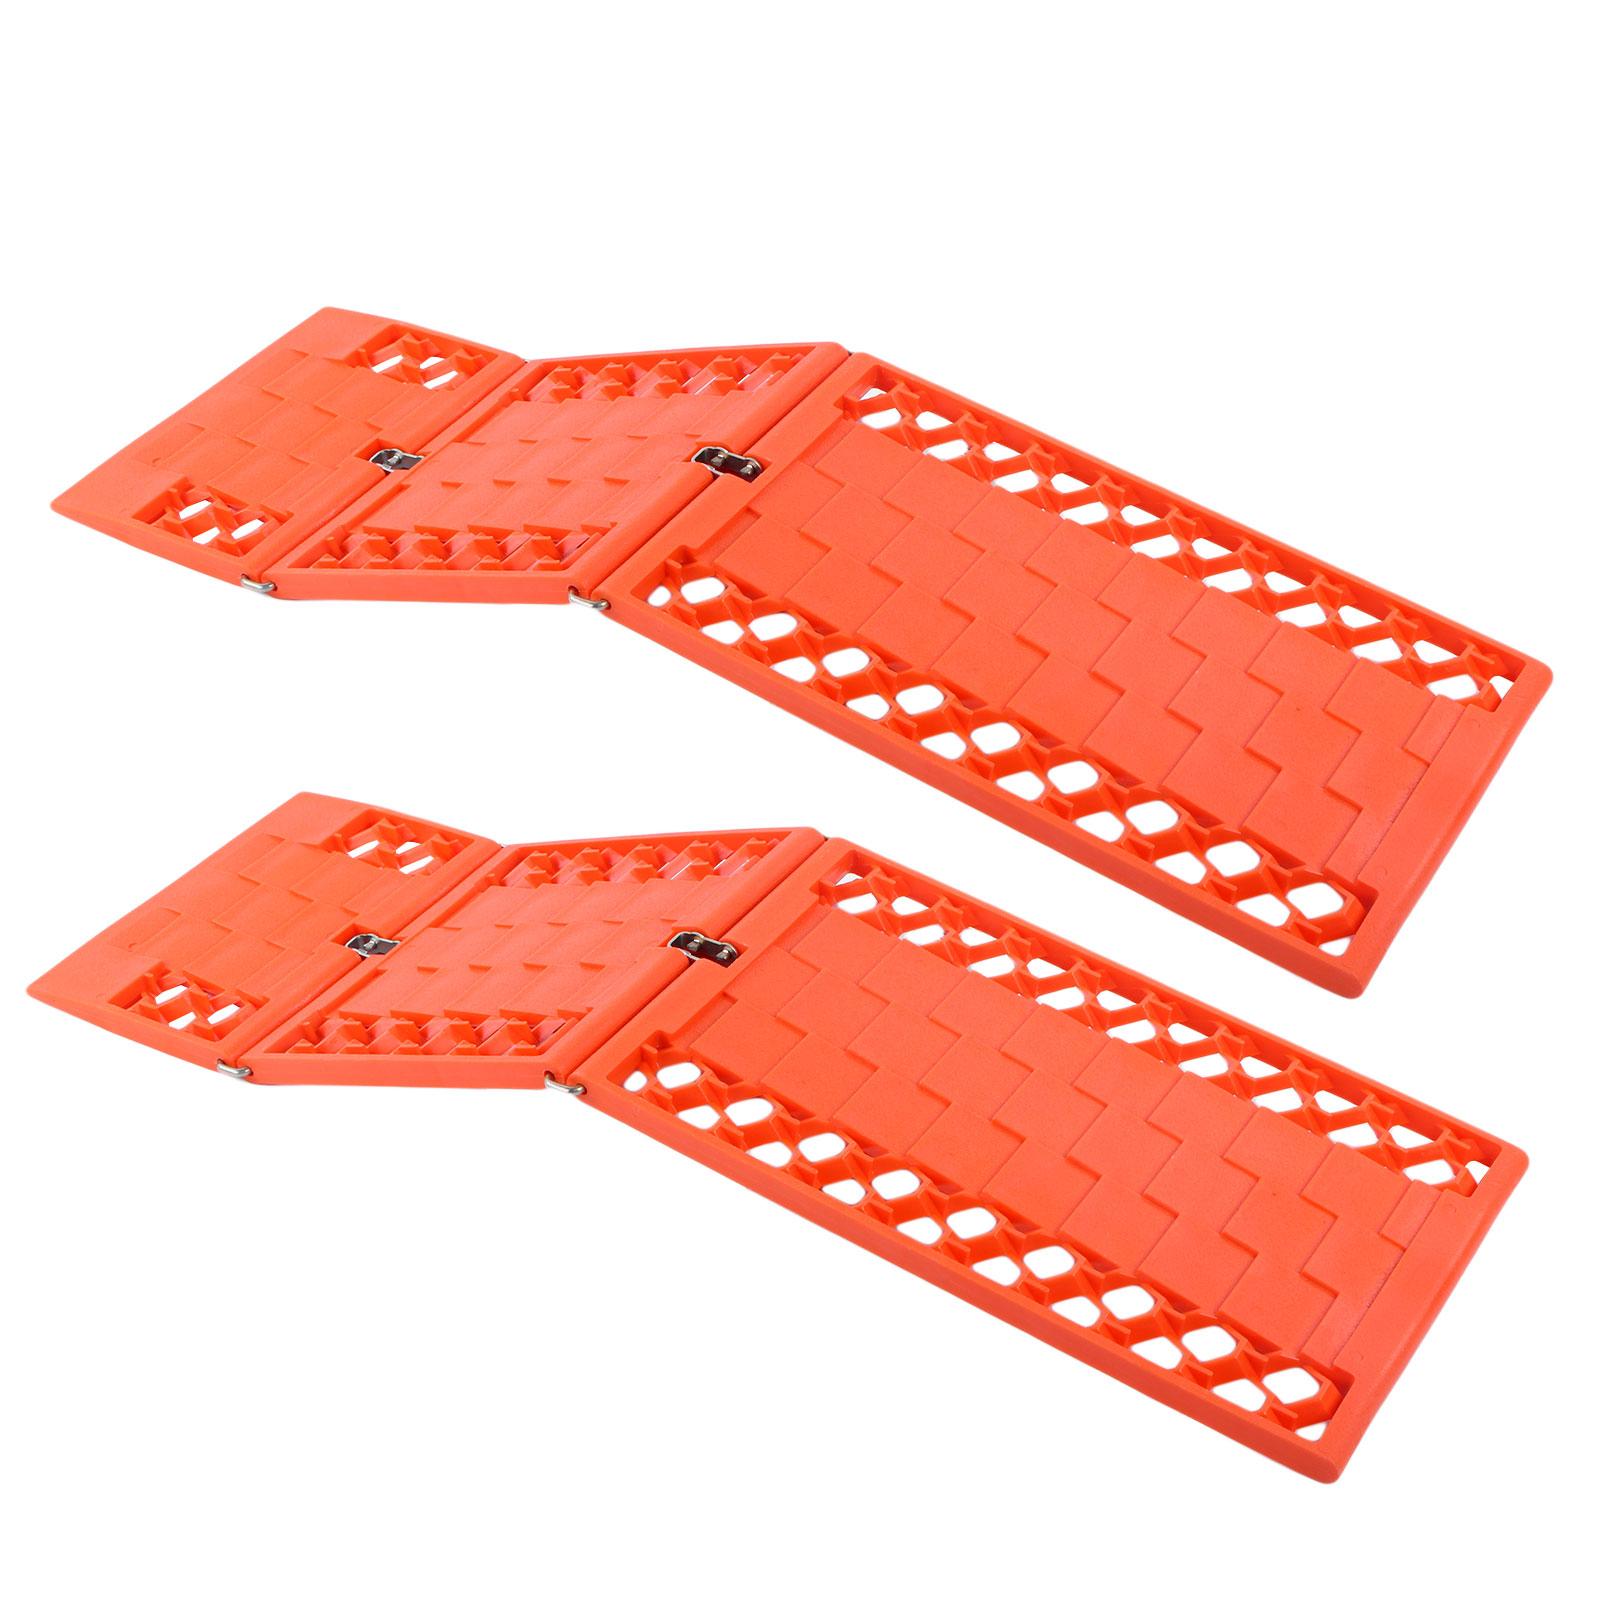 Gripmatte, Anfahrhilfe Set 2 Stück Orange klappbar 590 x 175 mm